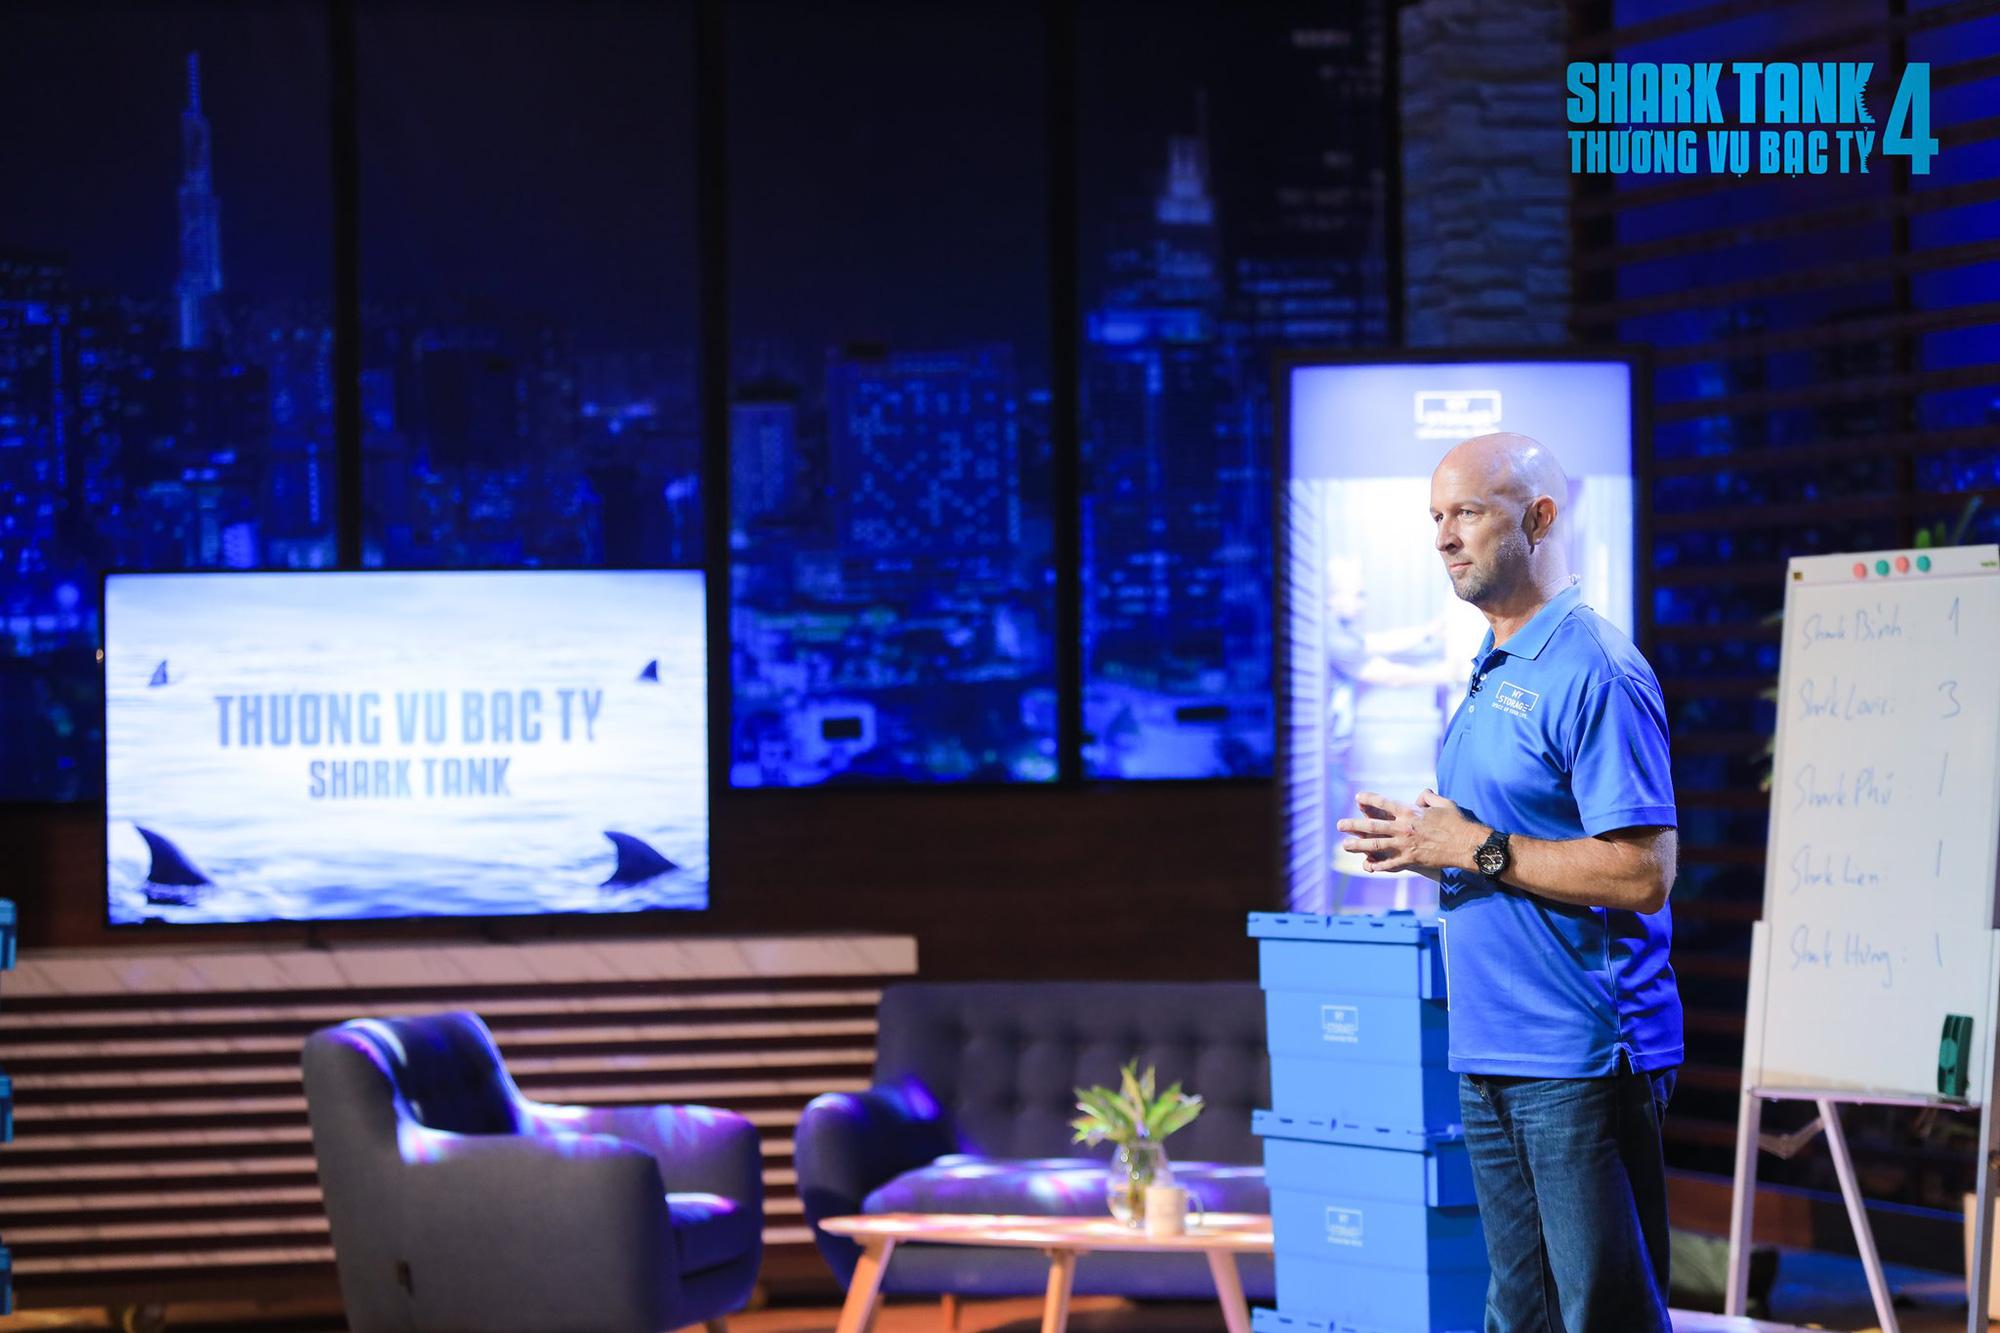 Thừa nhận startup không có gì mới, CEO Mỹ vẫn nhận 4 tỷ đầu tư từ Shark Hưng - Ảnh 1.